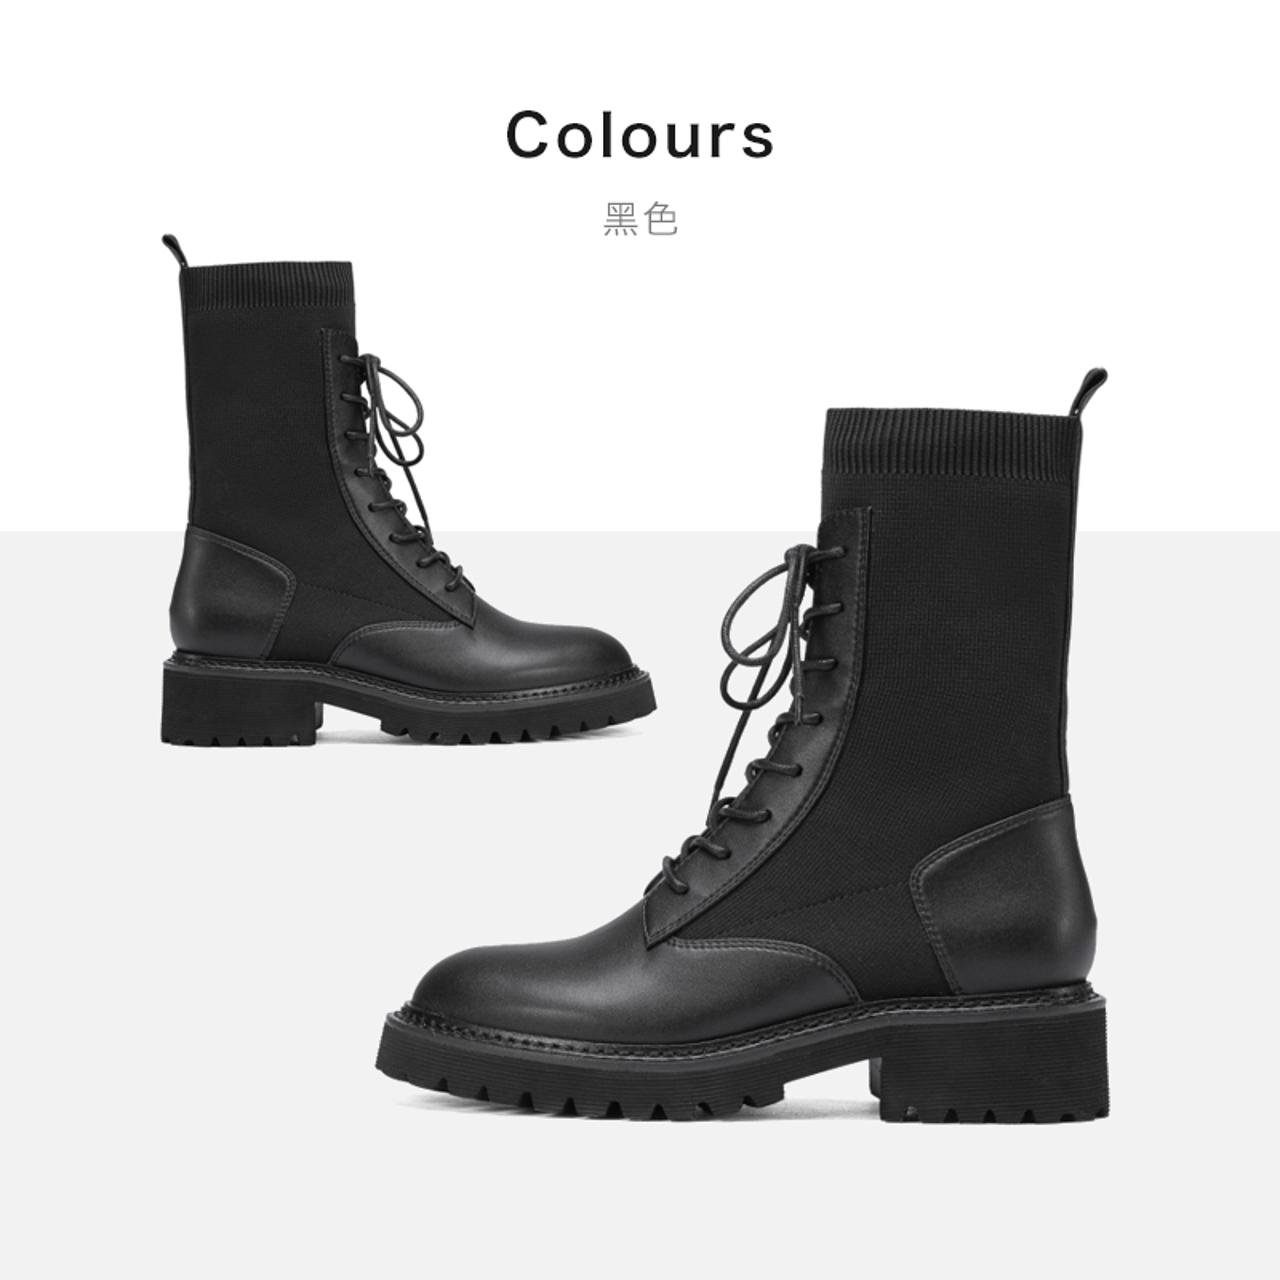 新款女靴百搭平底马丁靴短靴 2020 千百度女鞋潮流弹力靴机车靴